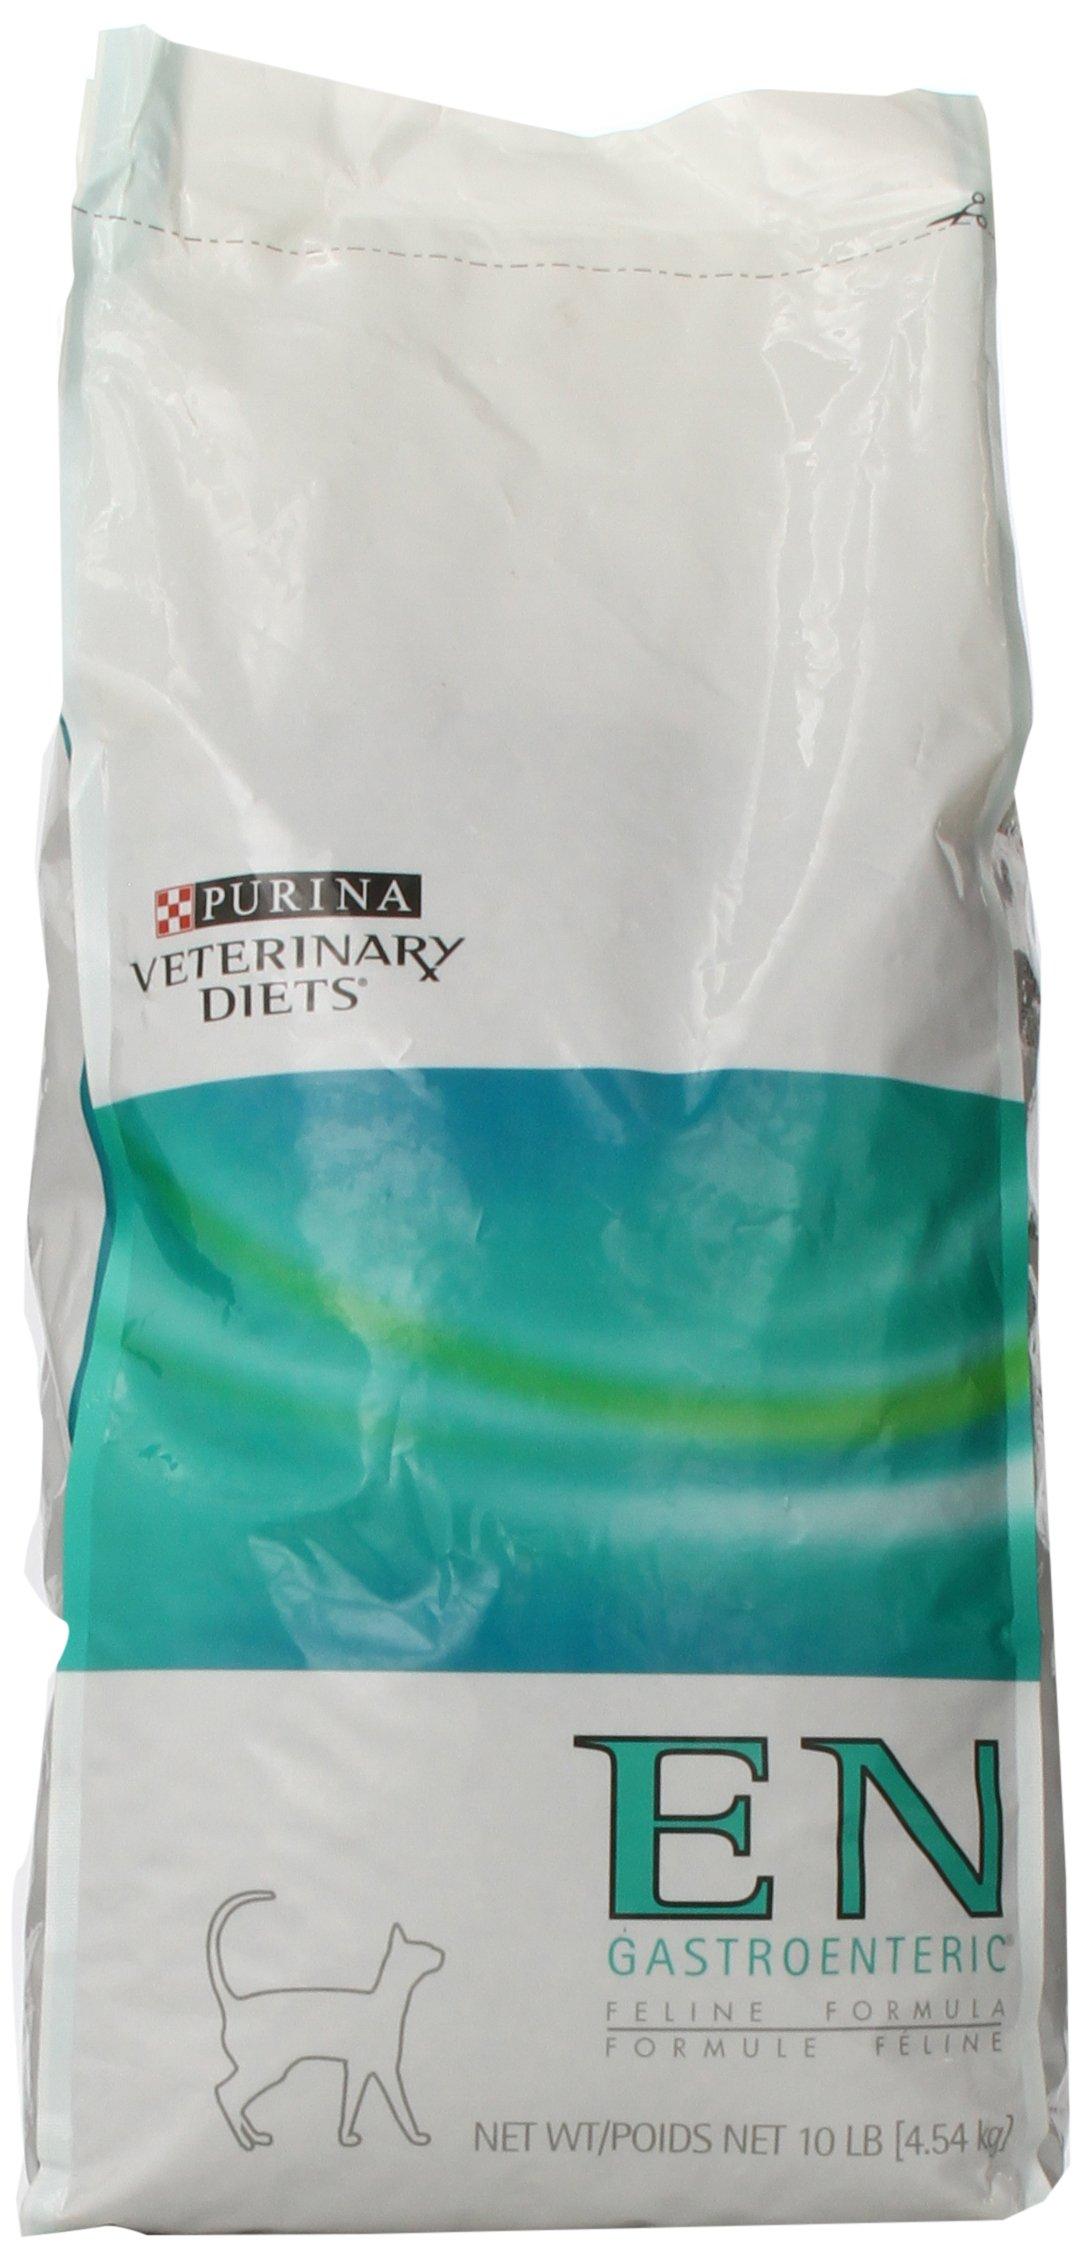 Purina EN Gastroenteric Cat Food 10 lb